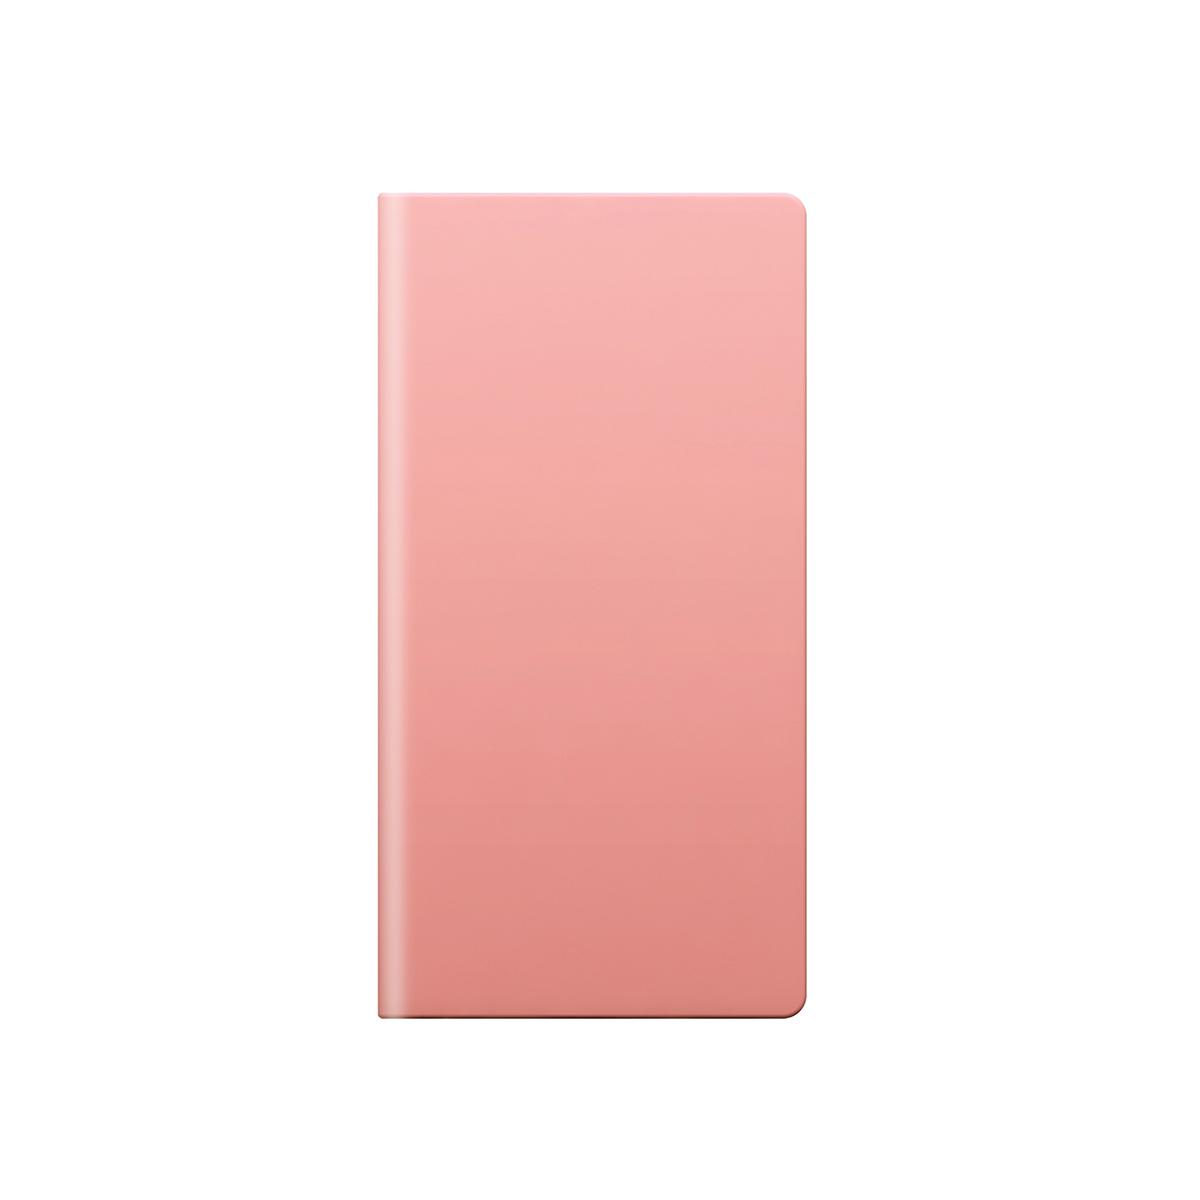 iPhone 8 Plus / 7 Plus ケース 手帳型 SLG Design Calf Skin Leather Diary (エスエルジーデザイン カーフスキンレザーダイアリー)アイフォン 本革 カバー